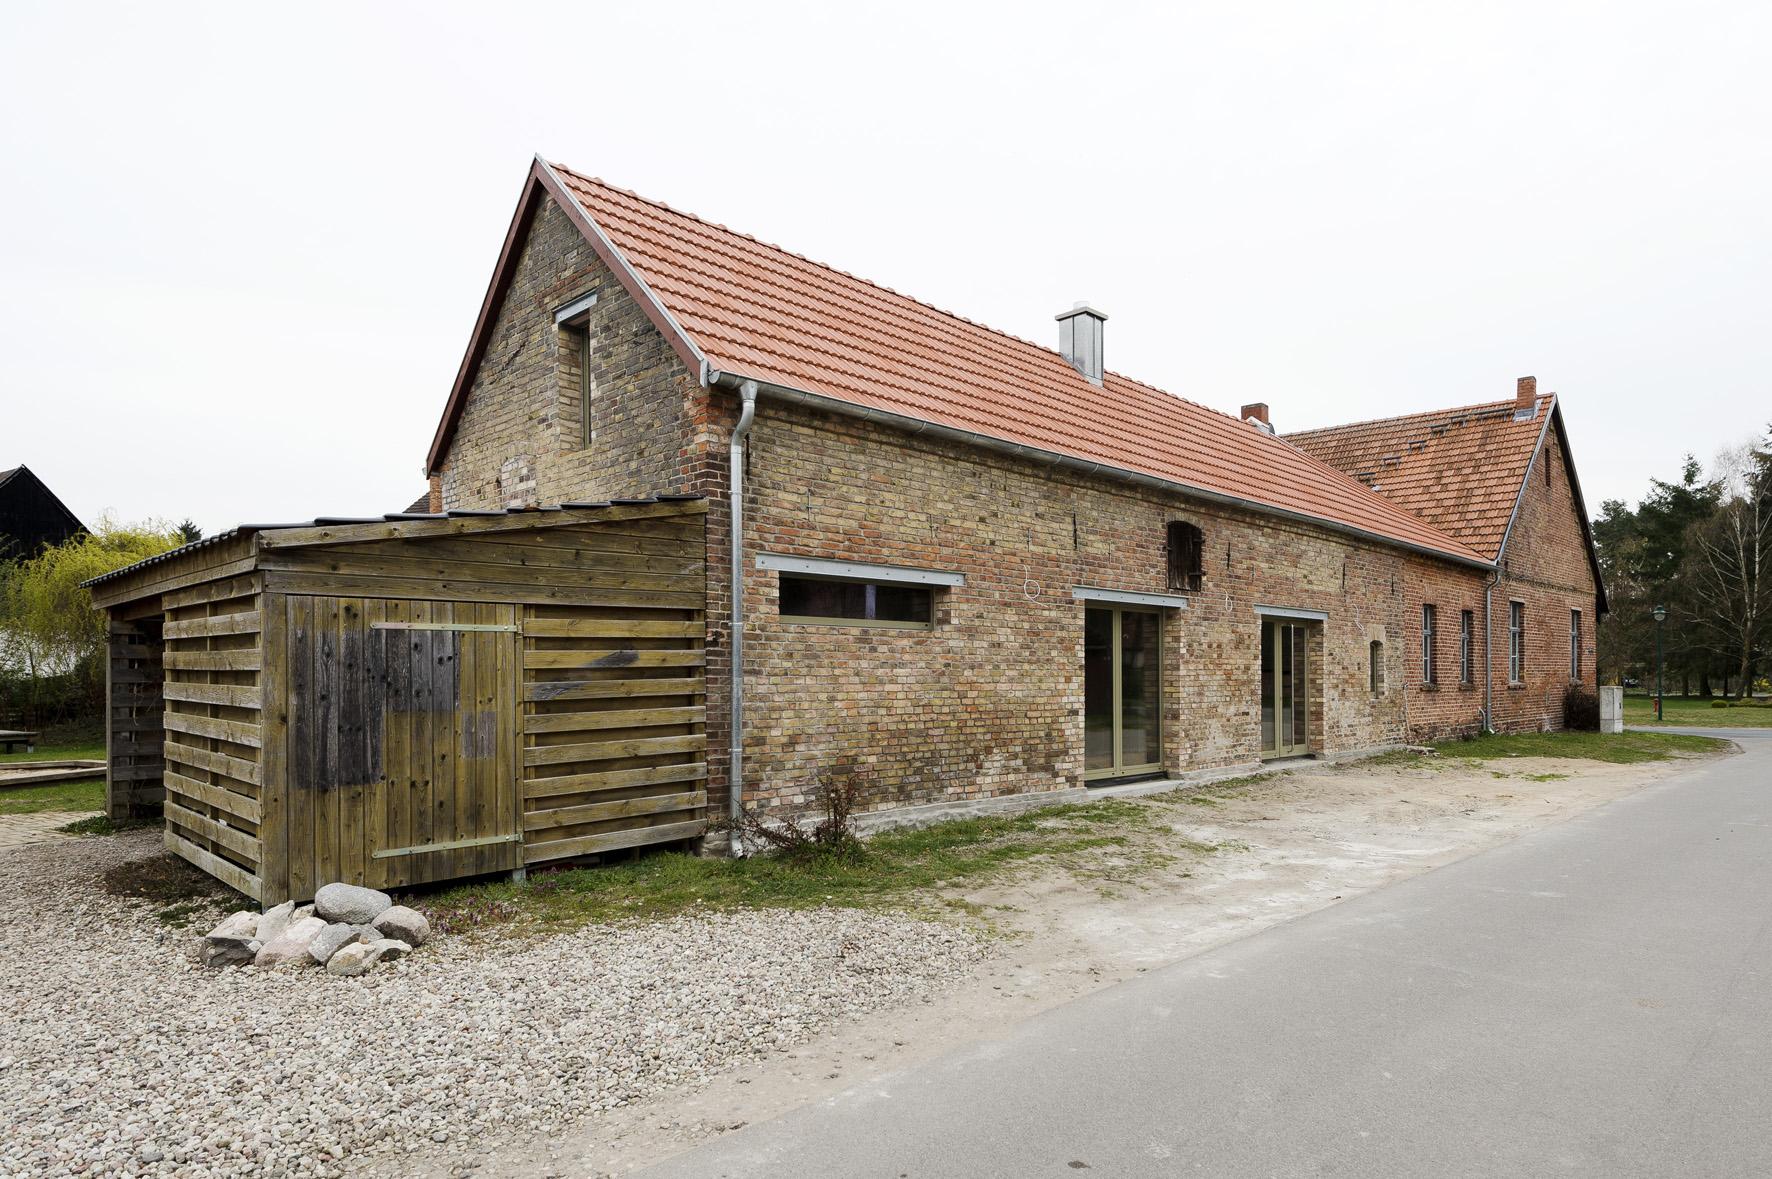 Rieth Dorf Rieth Netzwerk Am Stettiner Haff